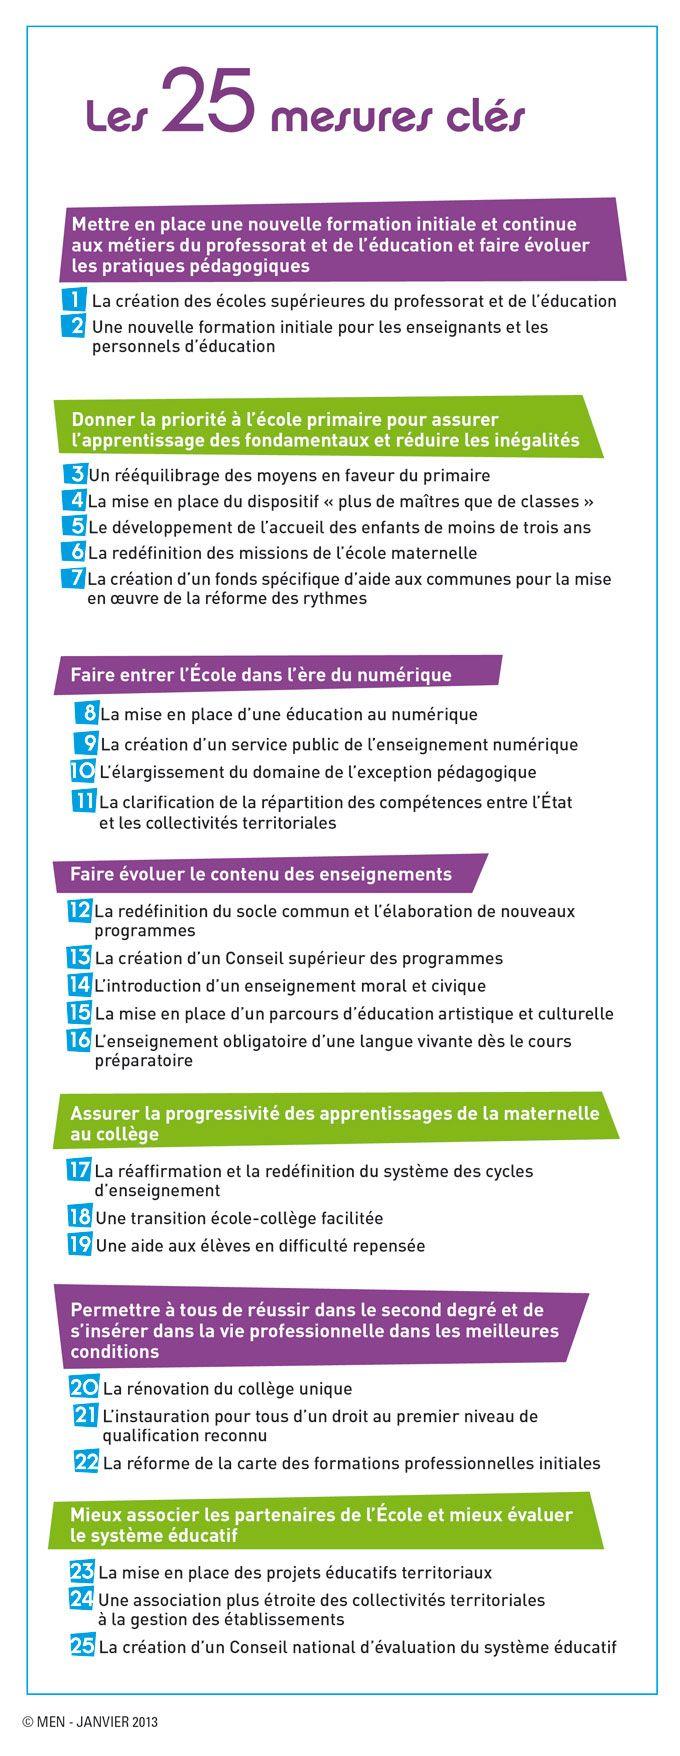 Loi-refondation-25_mesures_cles